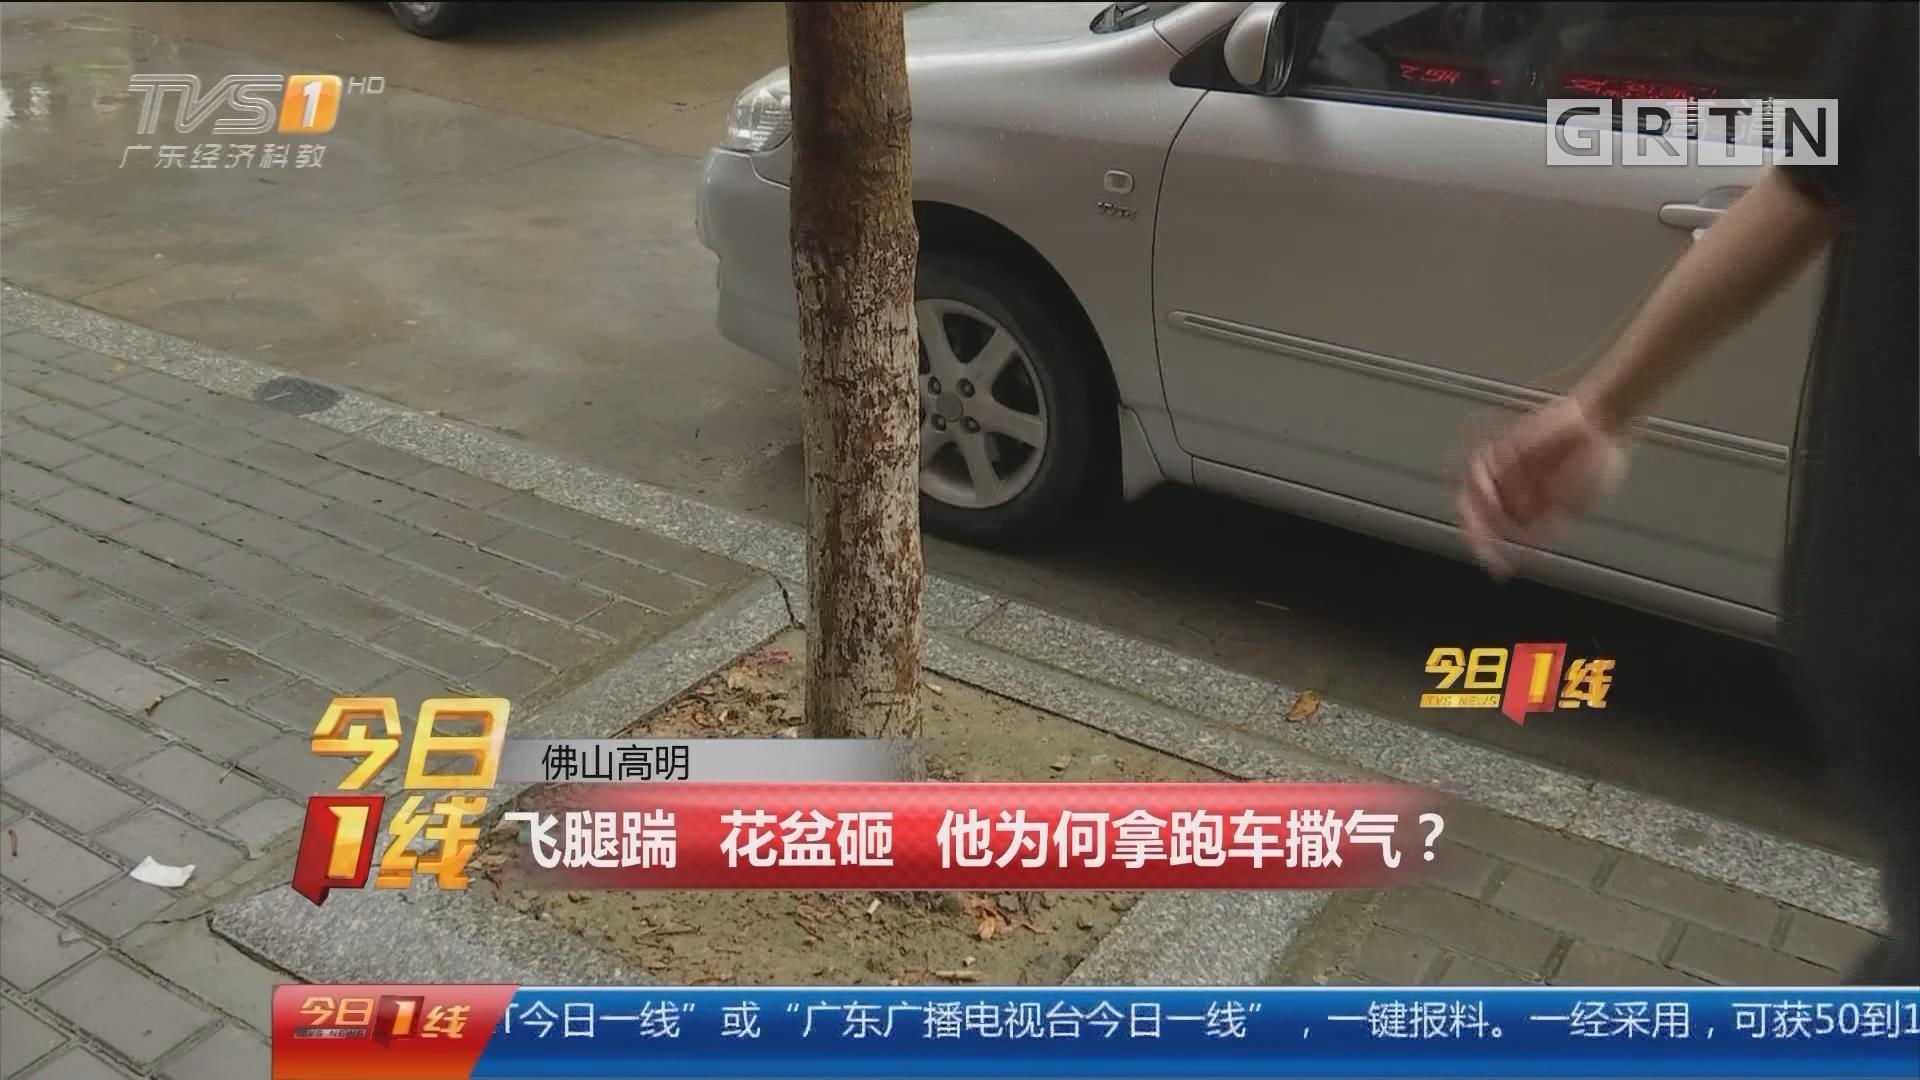 佛山高明:飞腿踹 花盆砸 他为何拿跑车撒气?